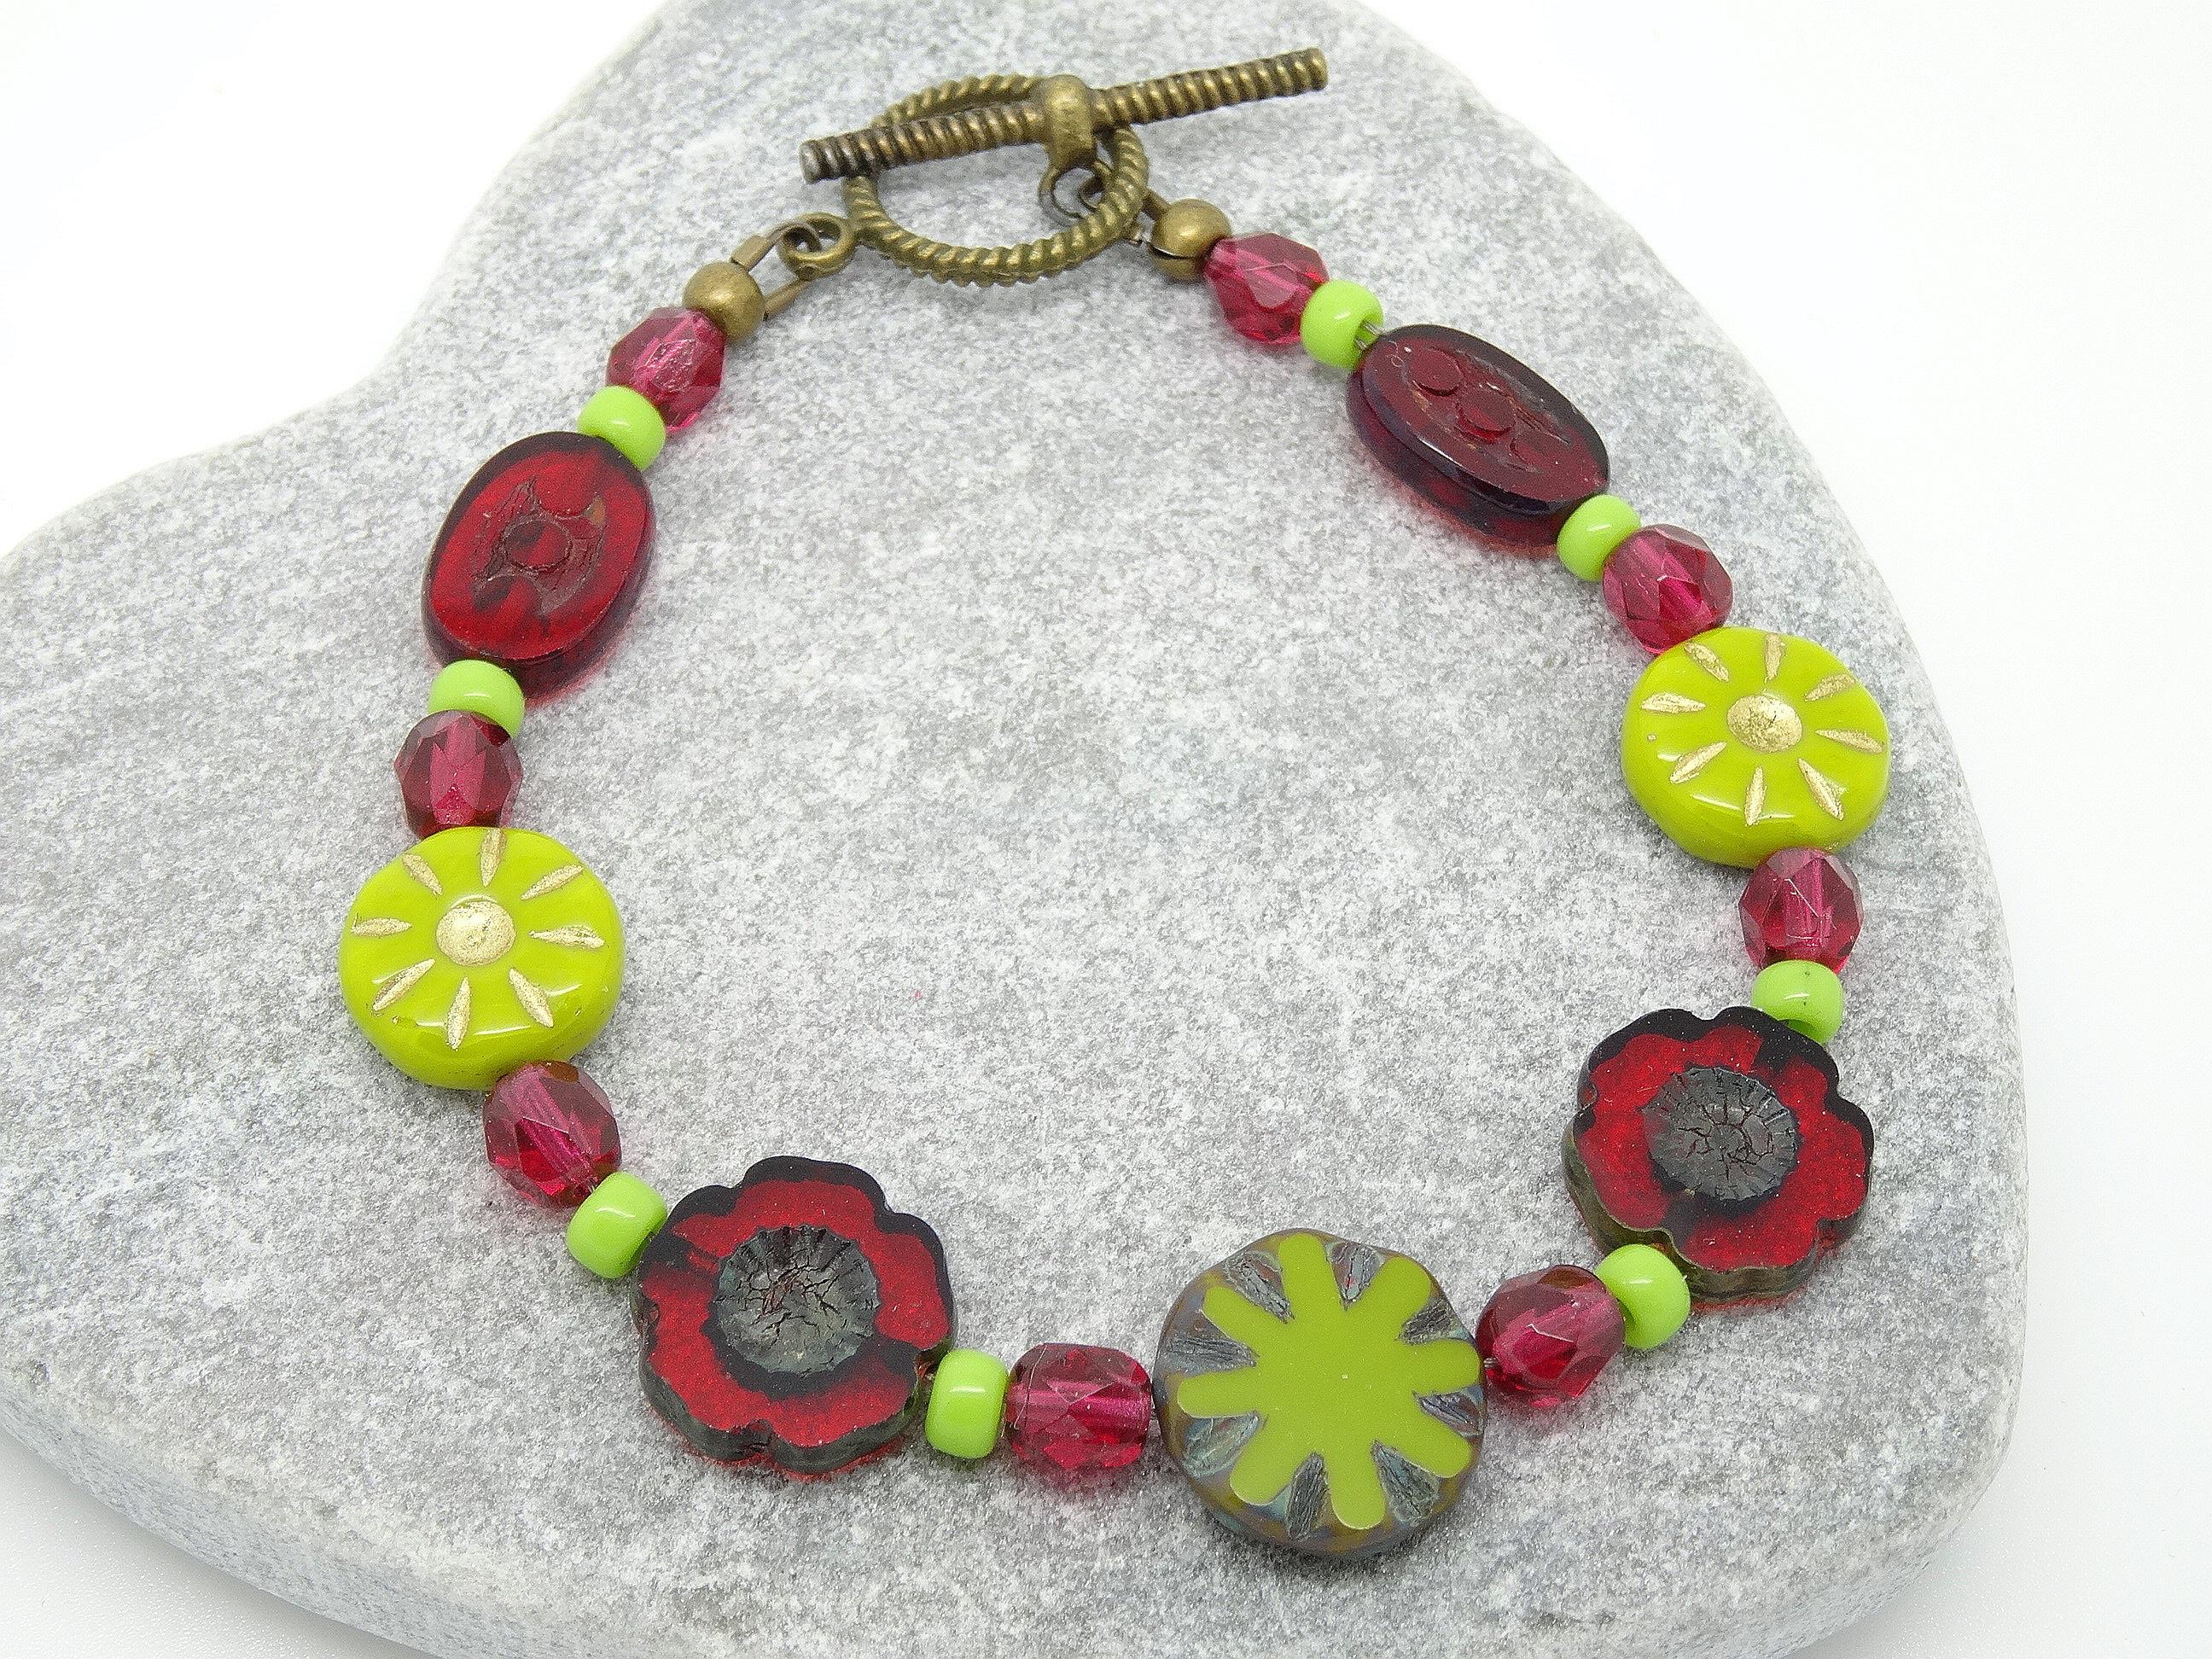 bracelet rouge bracelet vert fleur bracelet bracelet de etsy. Black Bedroom Furniture Sets. Home Design Ideas